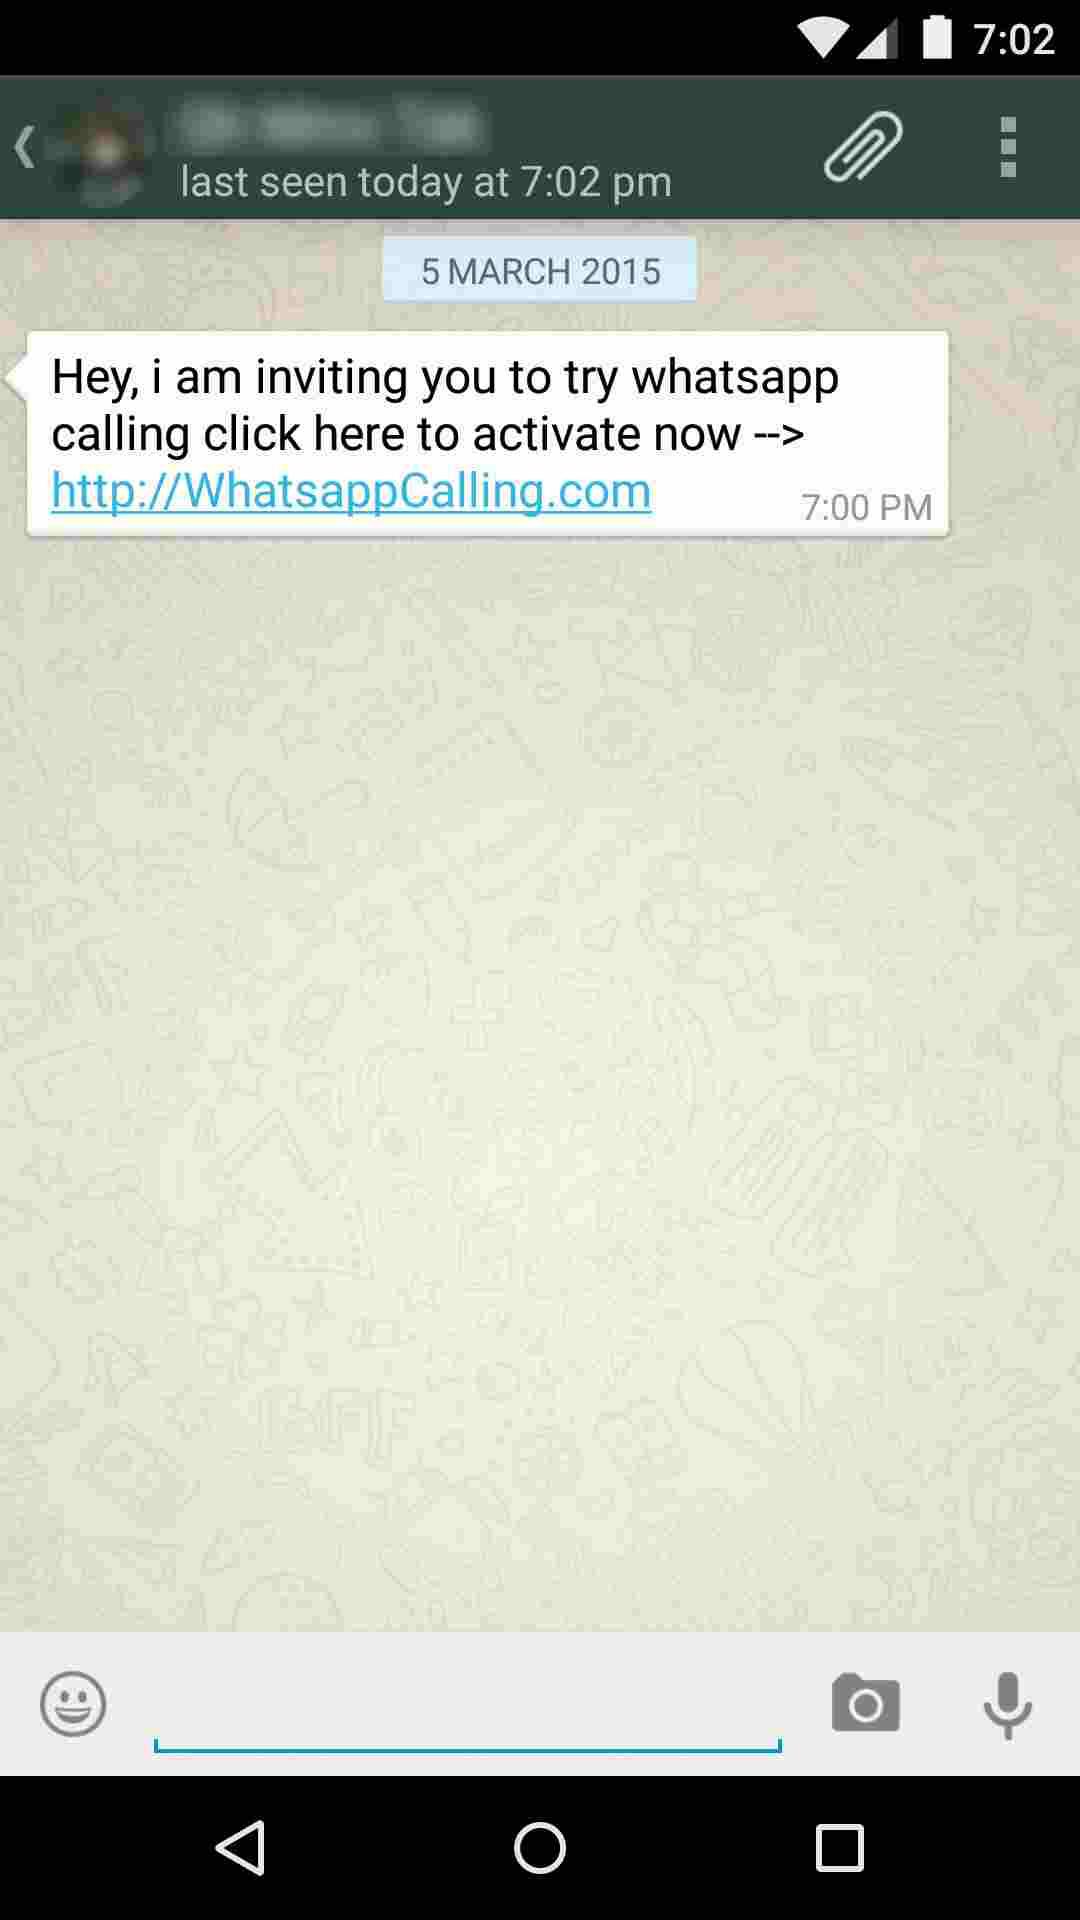 WhatsApp Calling Invitation Scam